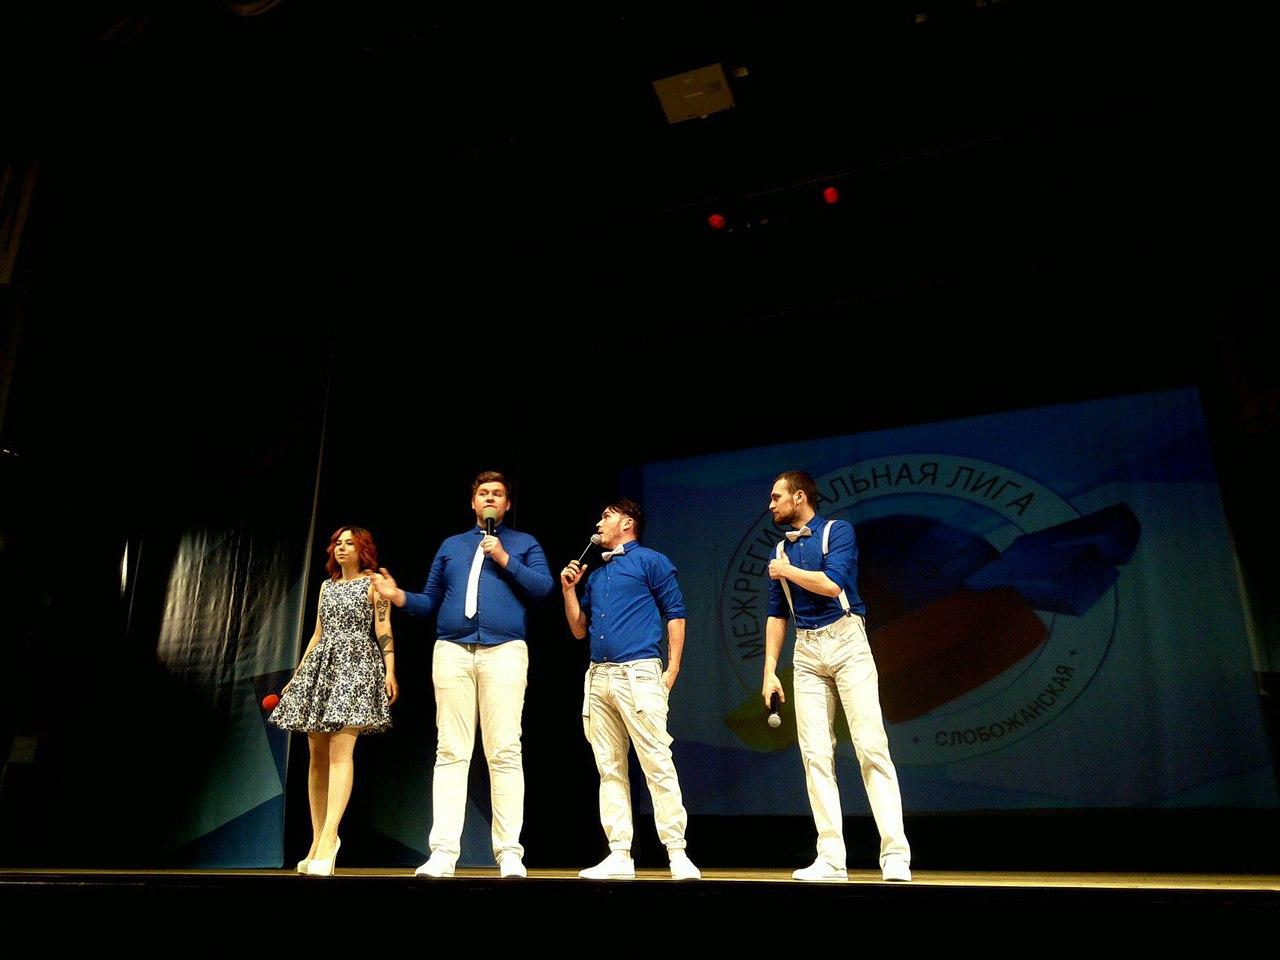 Песни про рыжих и привет из Сочи. Как шутили на первом полуфинале Слобожанской лиги КВН-2017